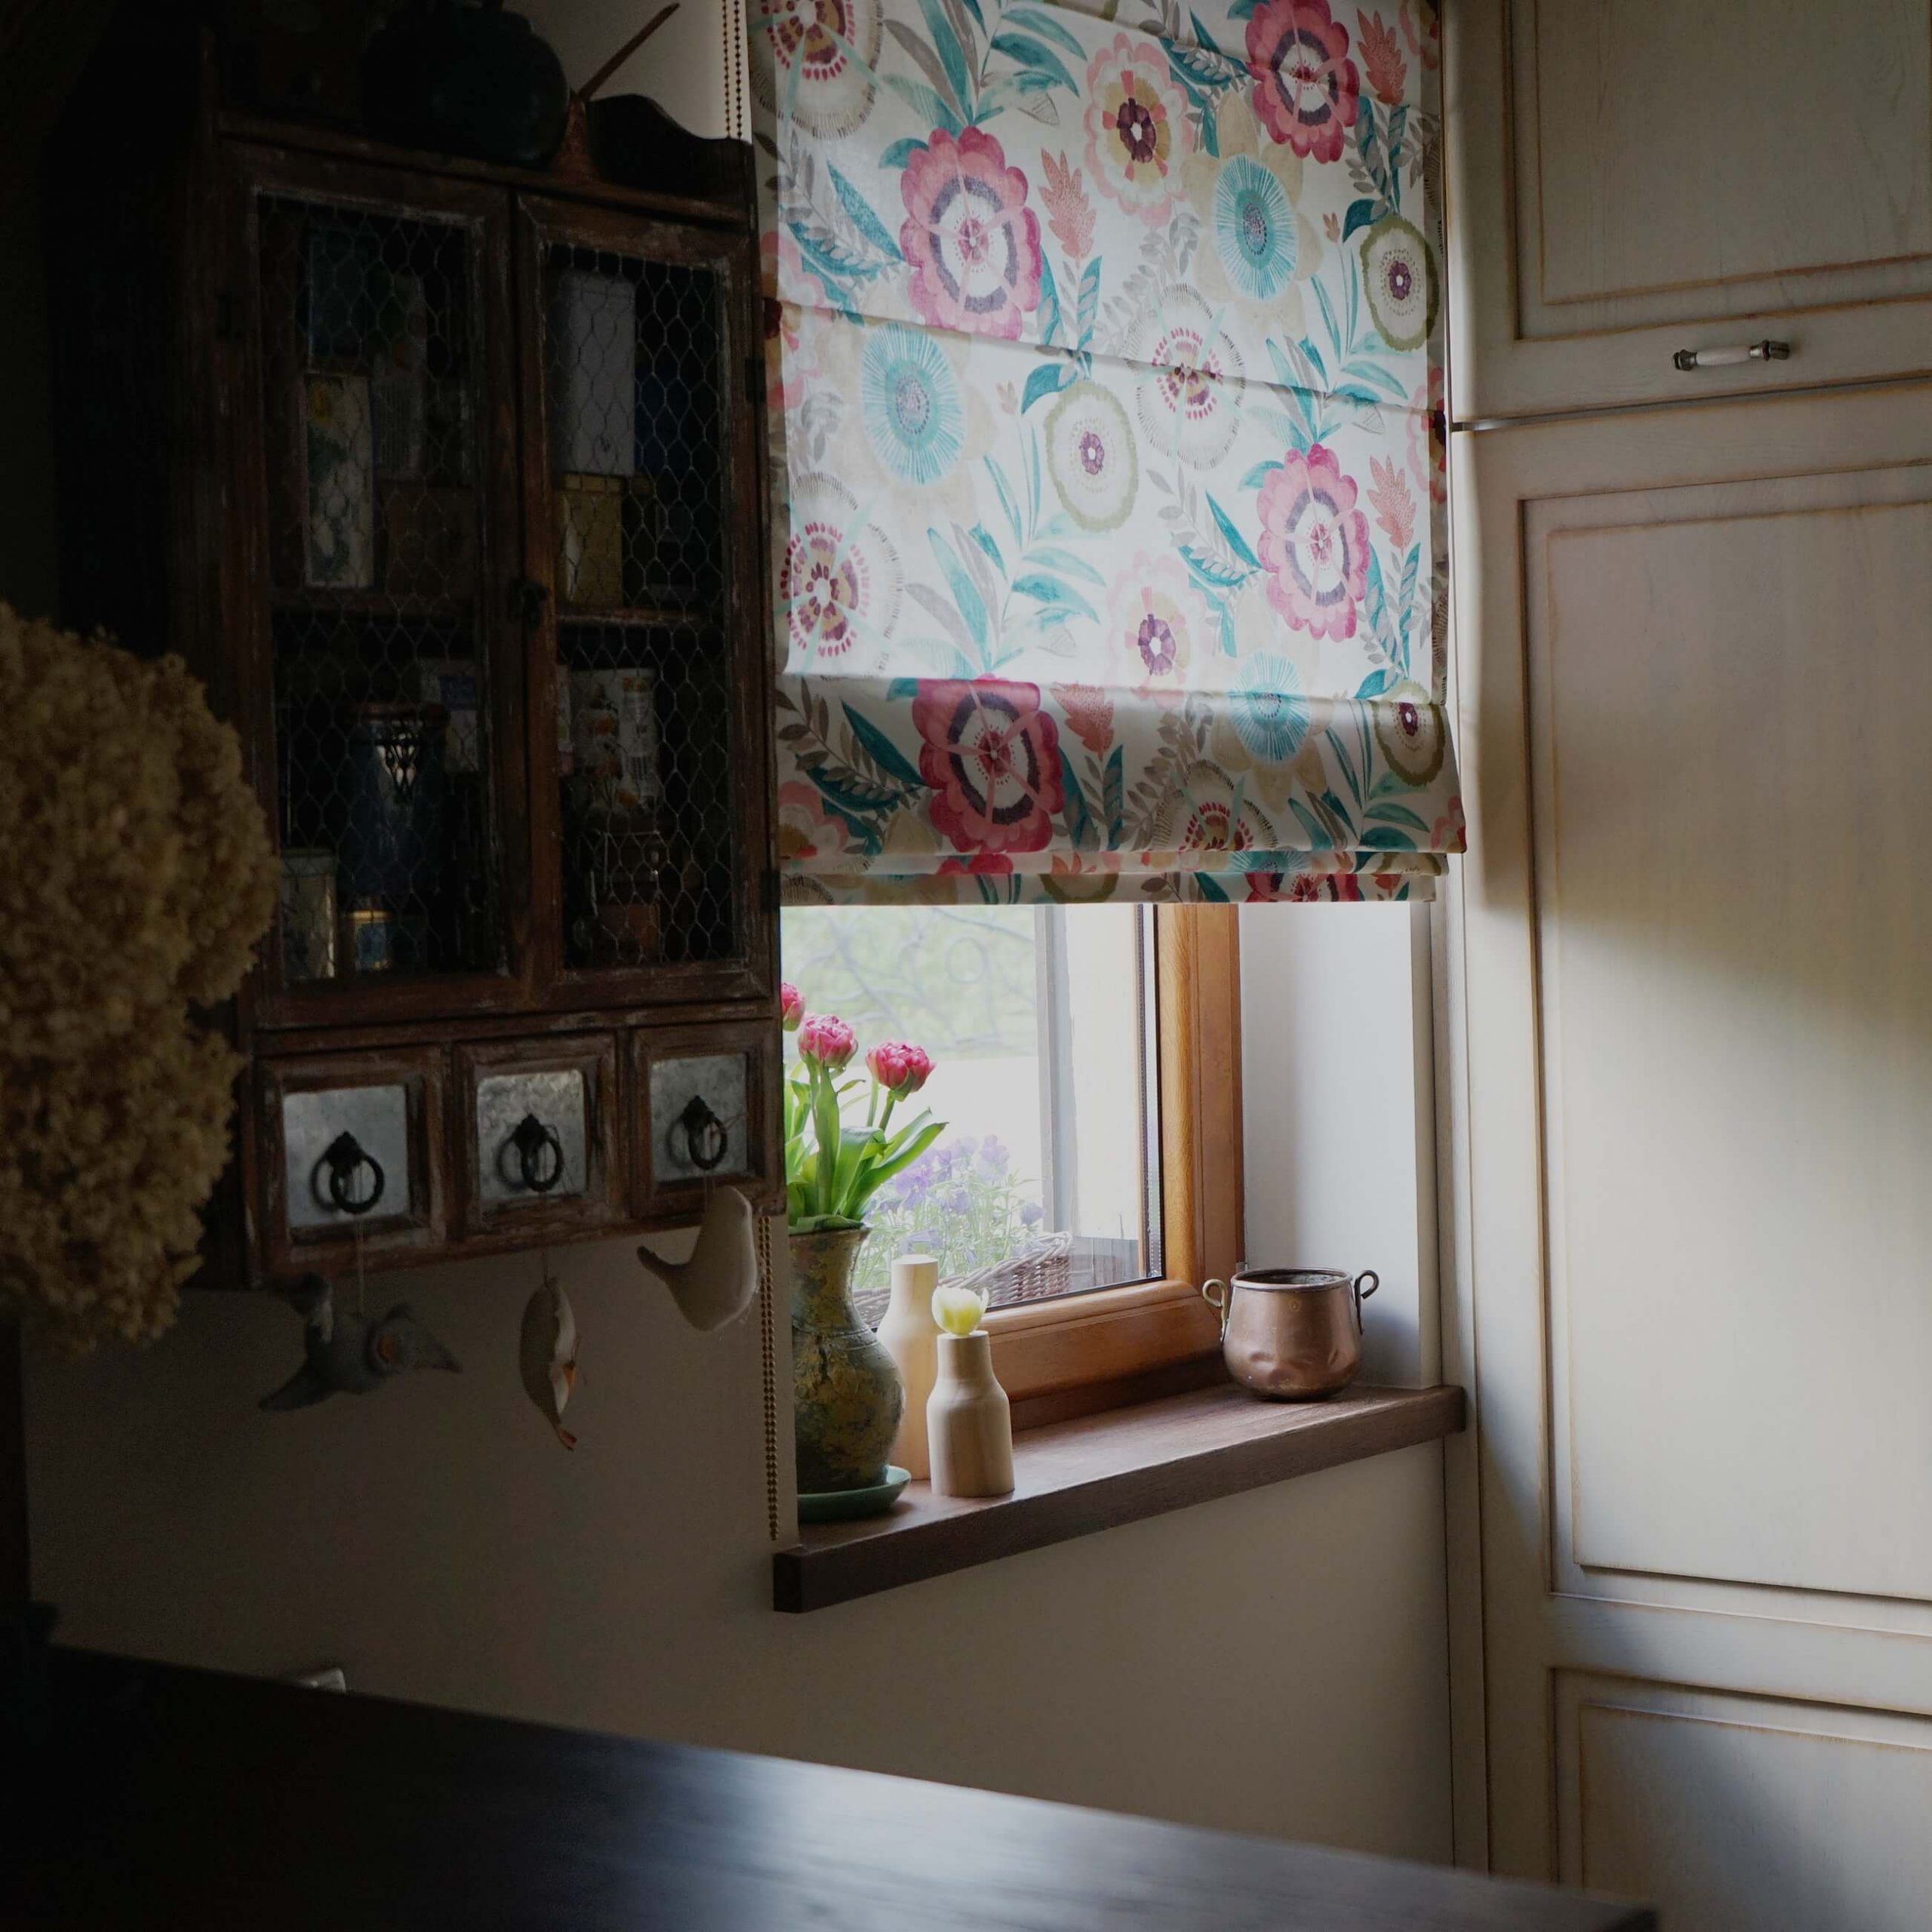 roleta_kwiaty-crop